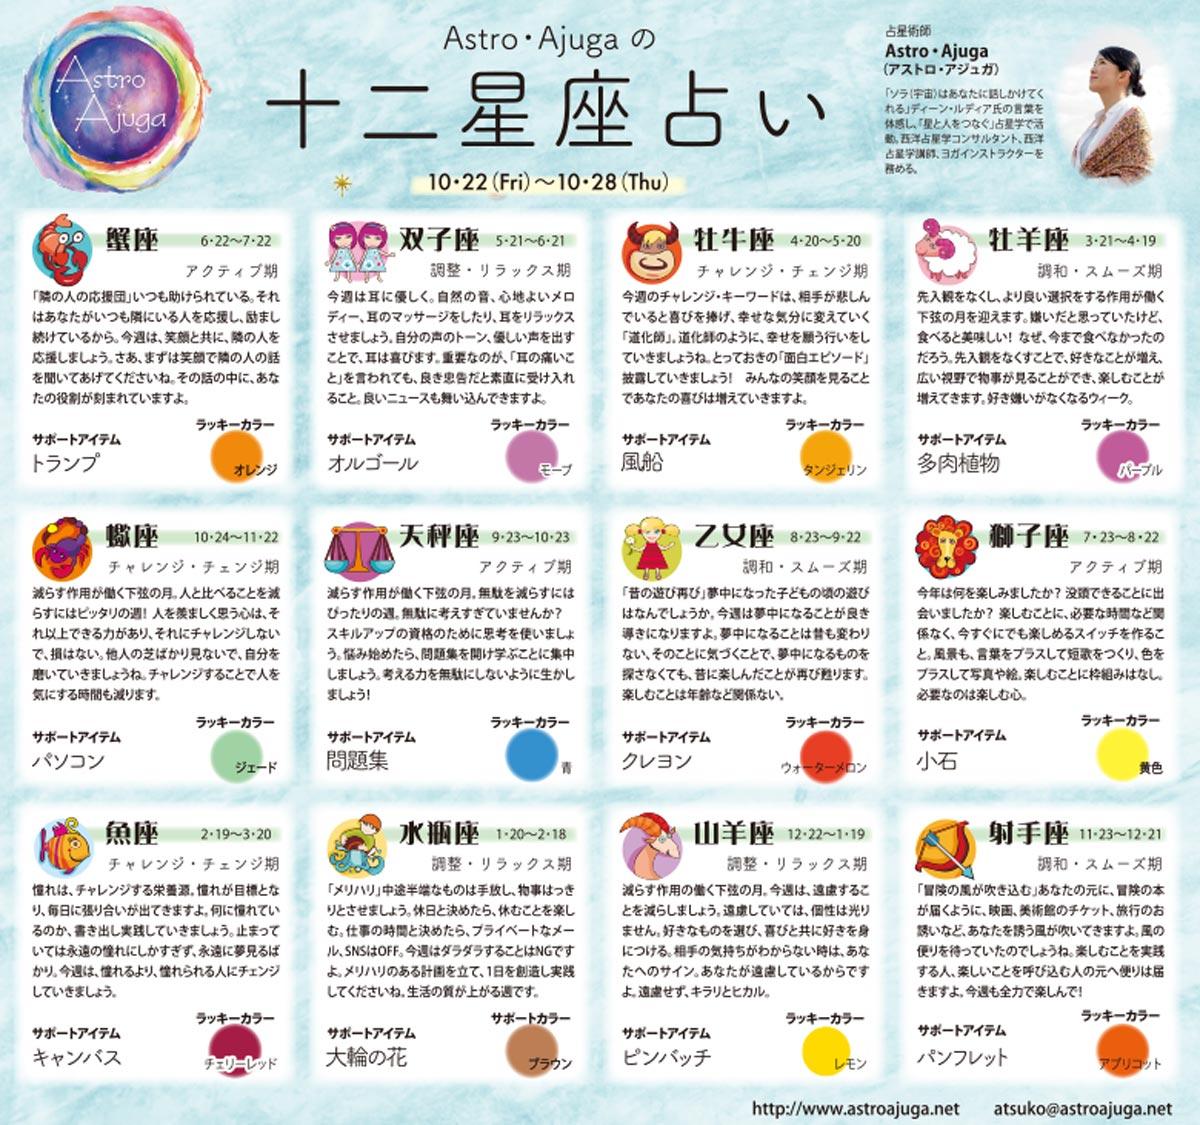 週刊ベイスポ「12星座占い」の連載(10/22〜10/28)